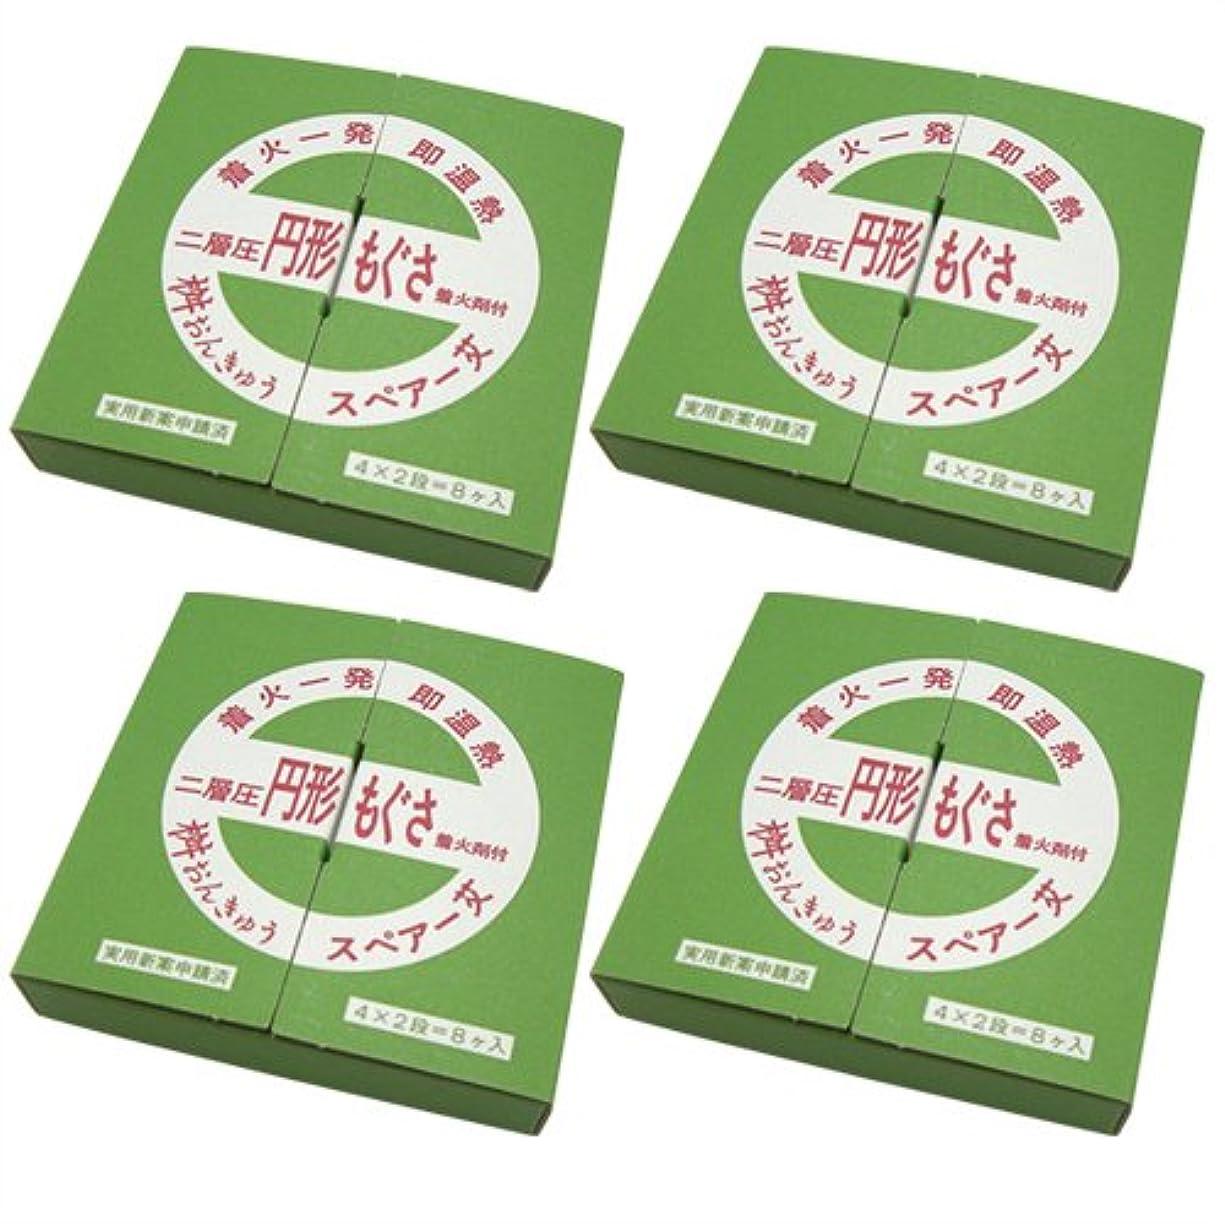 包帯鎖中庭桝おんきゅう用スペアもぐさ 二層圧 円形もぐさ (8ケ) ×4箱セット